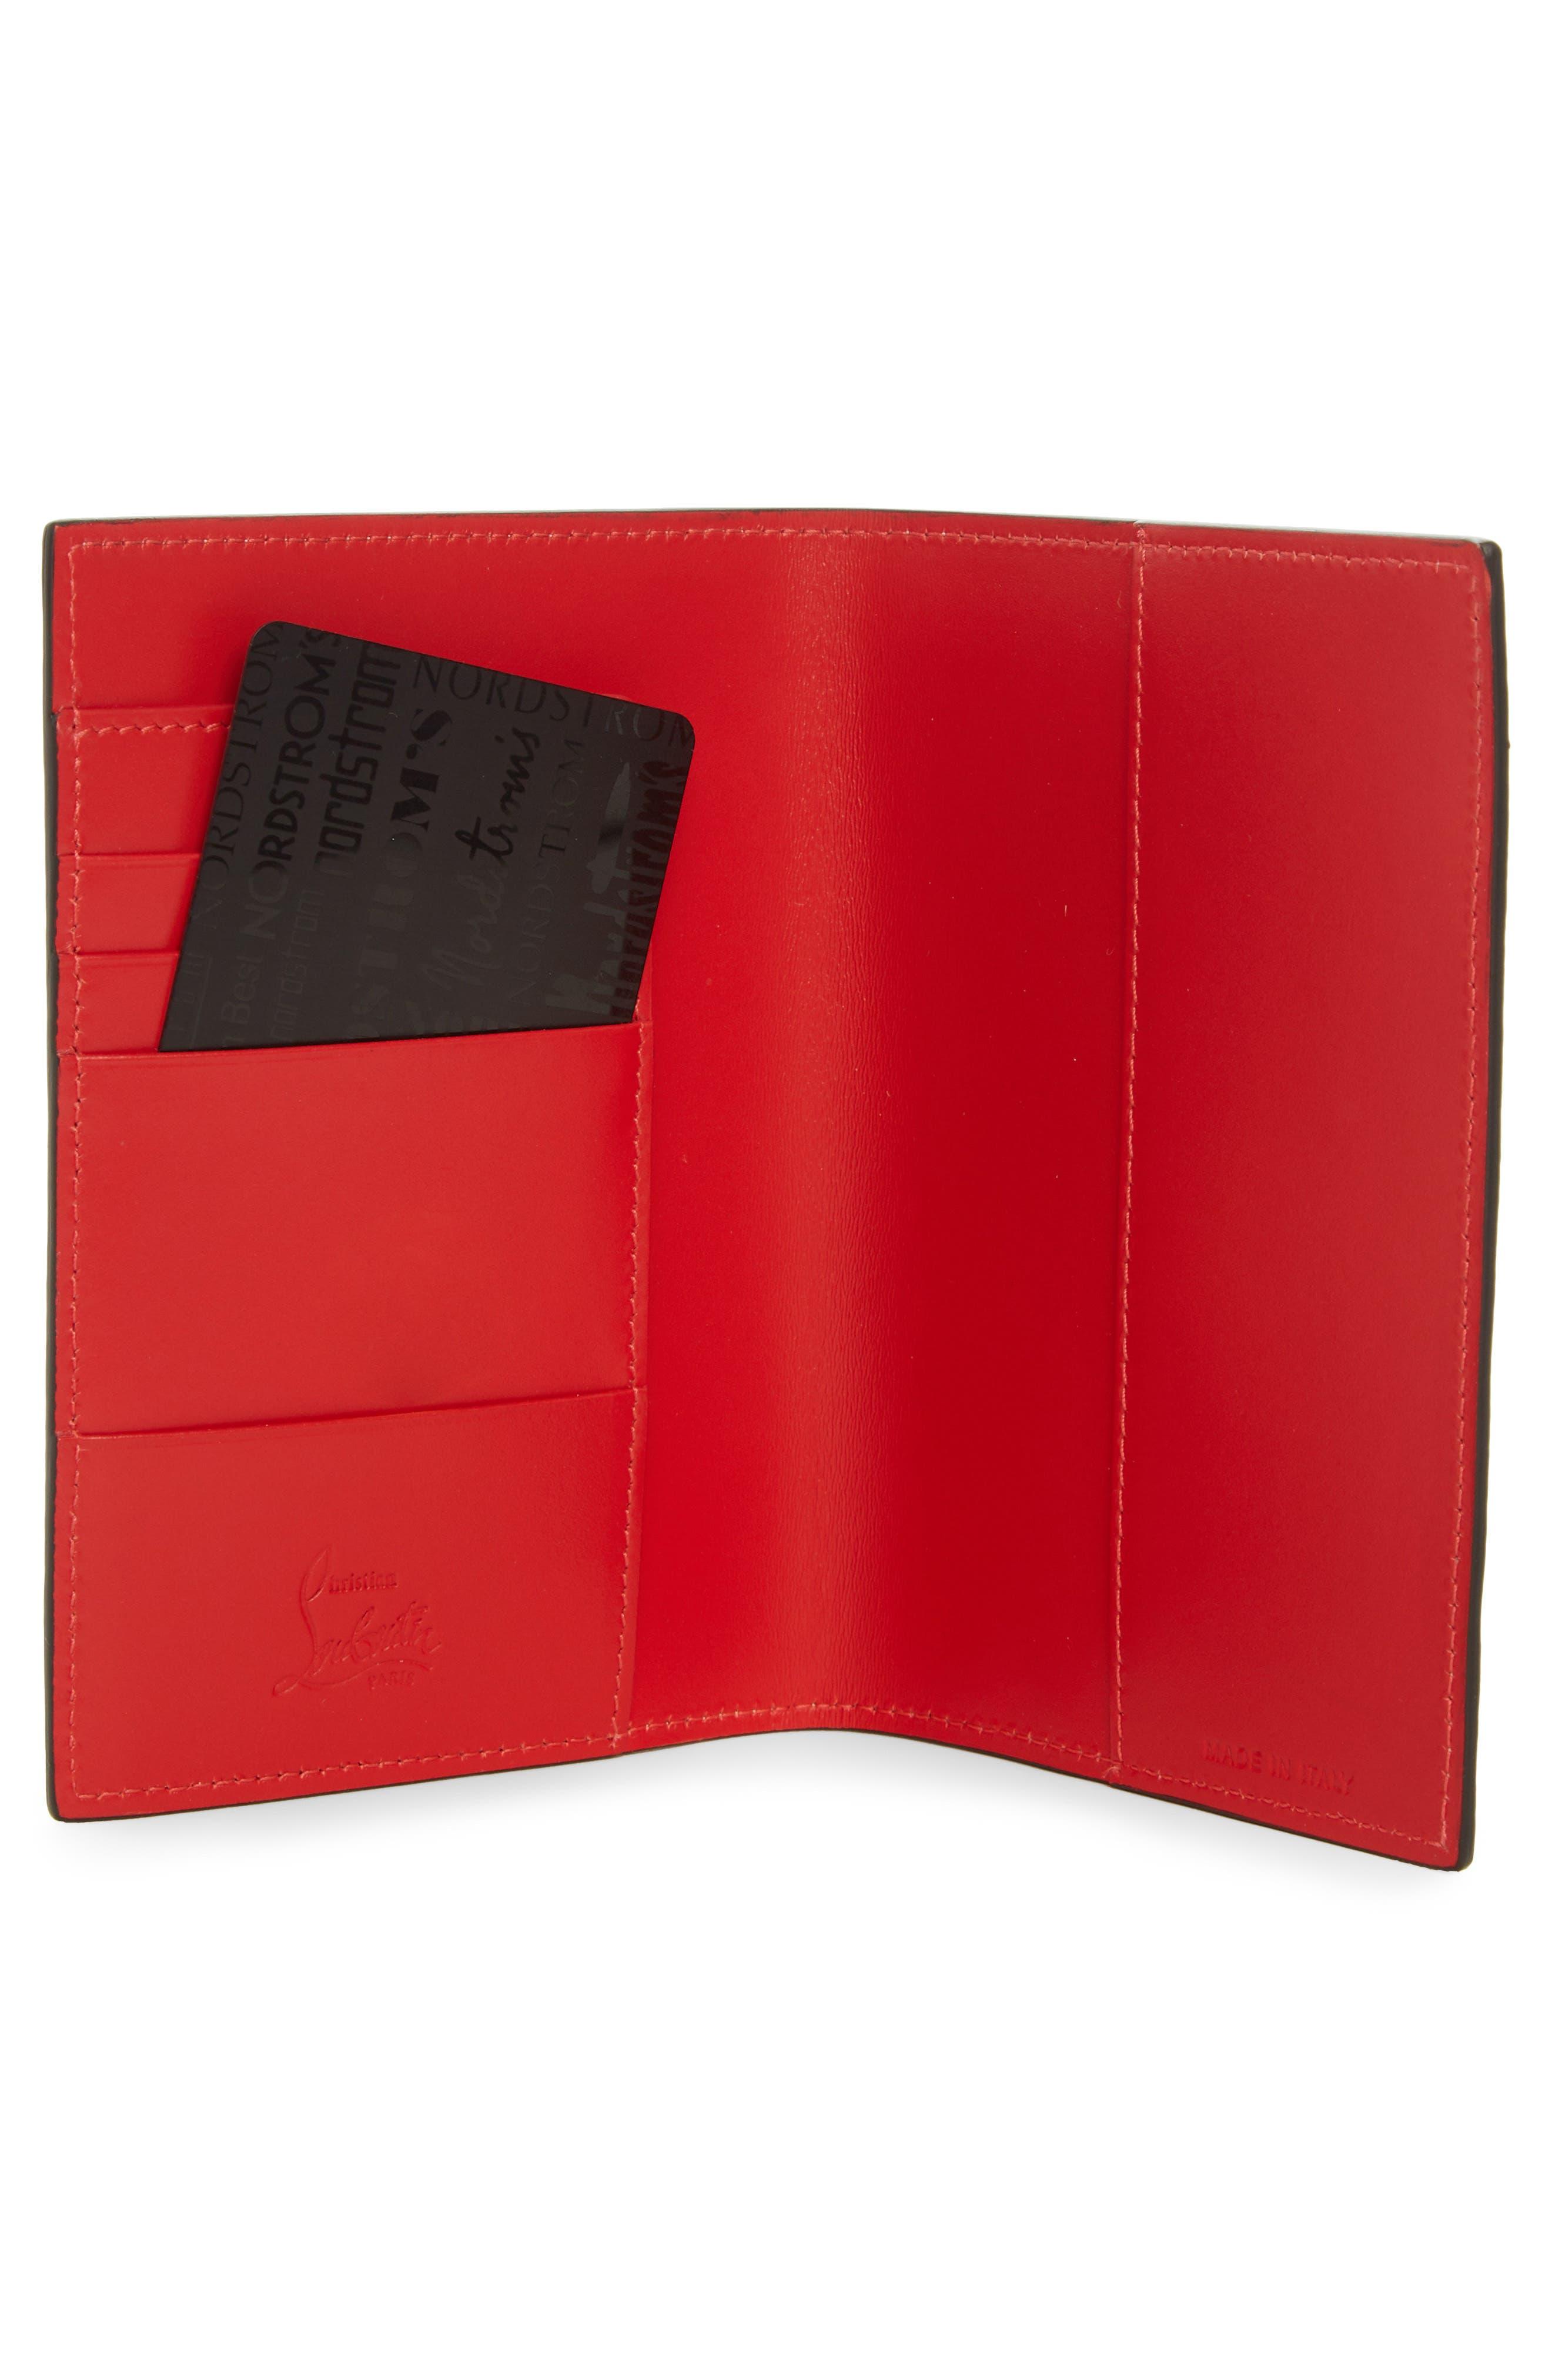 Loubipass Crazy Love Passport,                             Alternate thumbnail 2, color,                             SOIE-LATTE/ SILVER